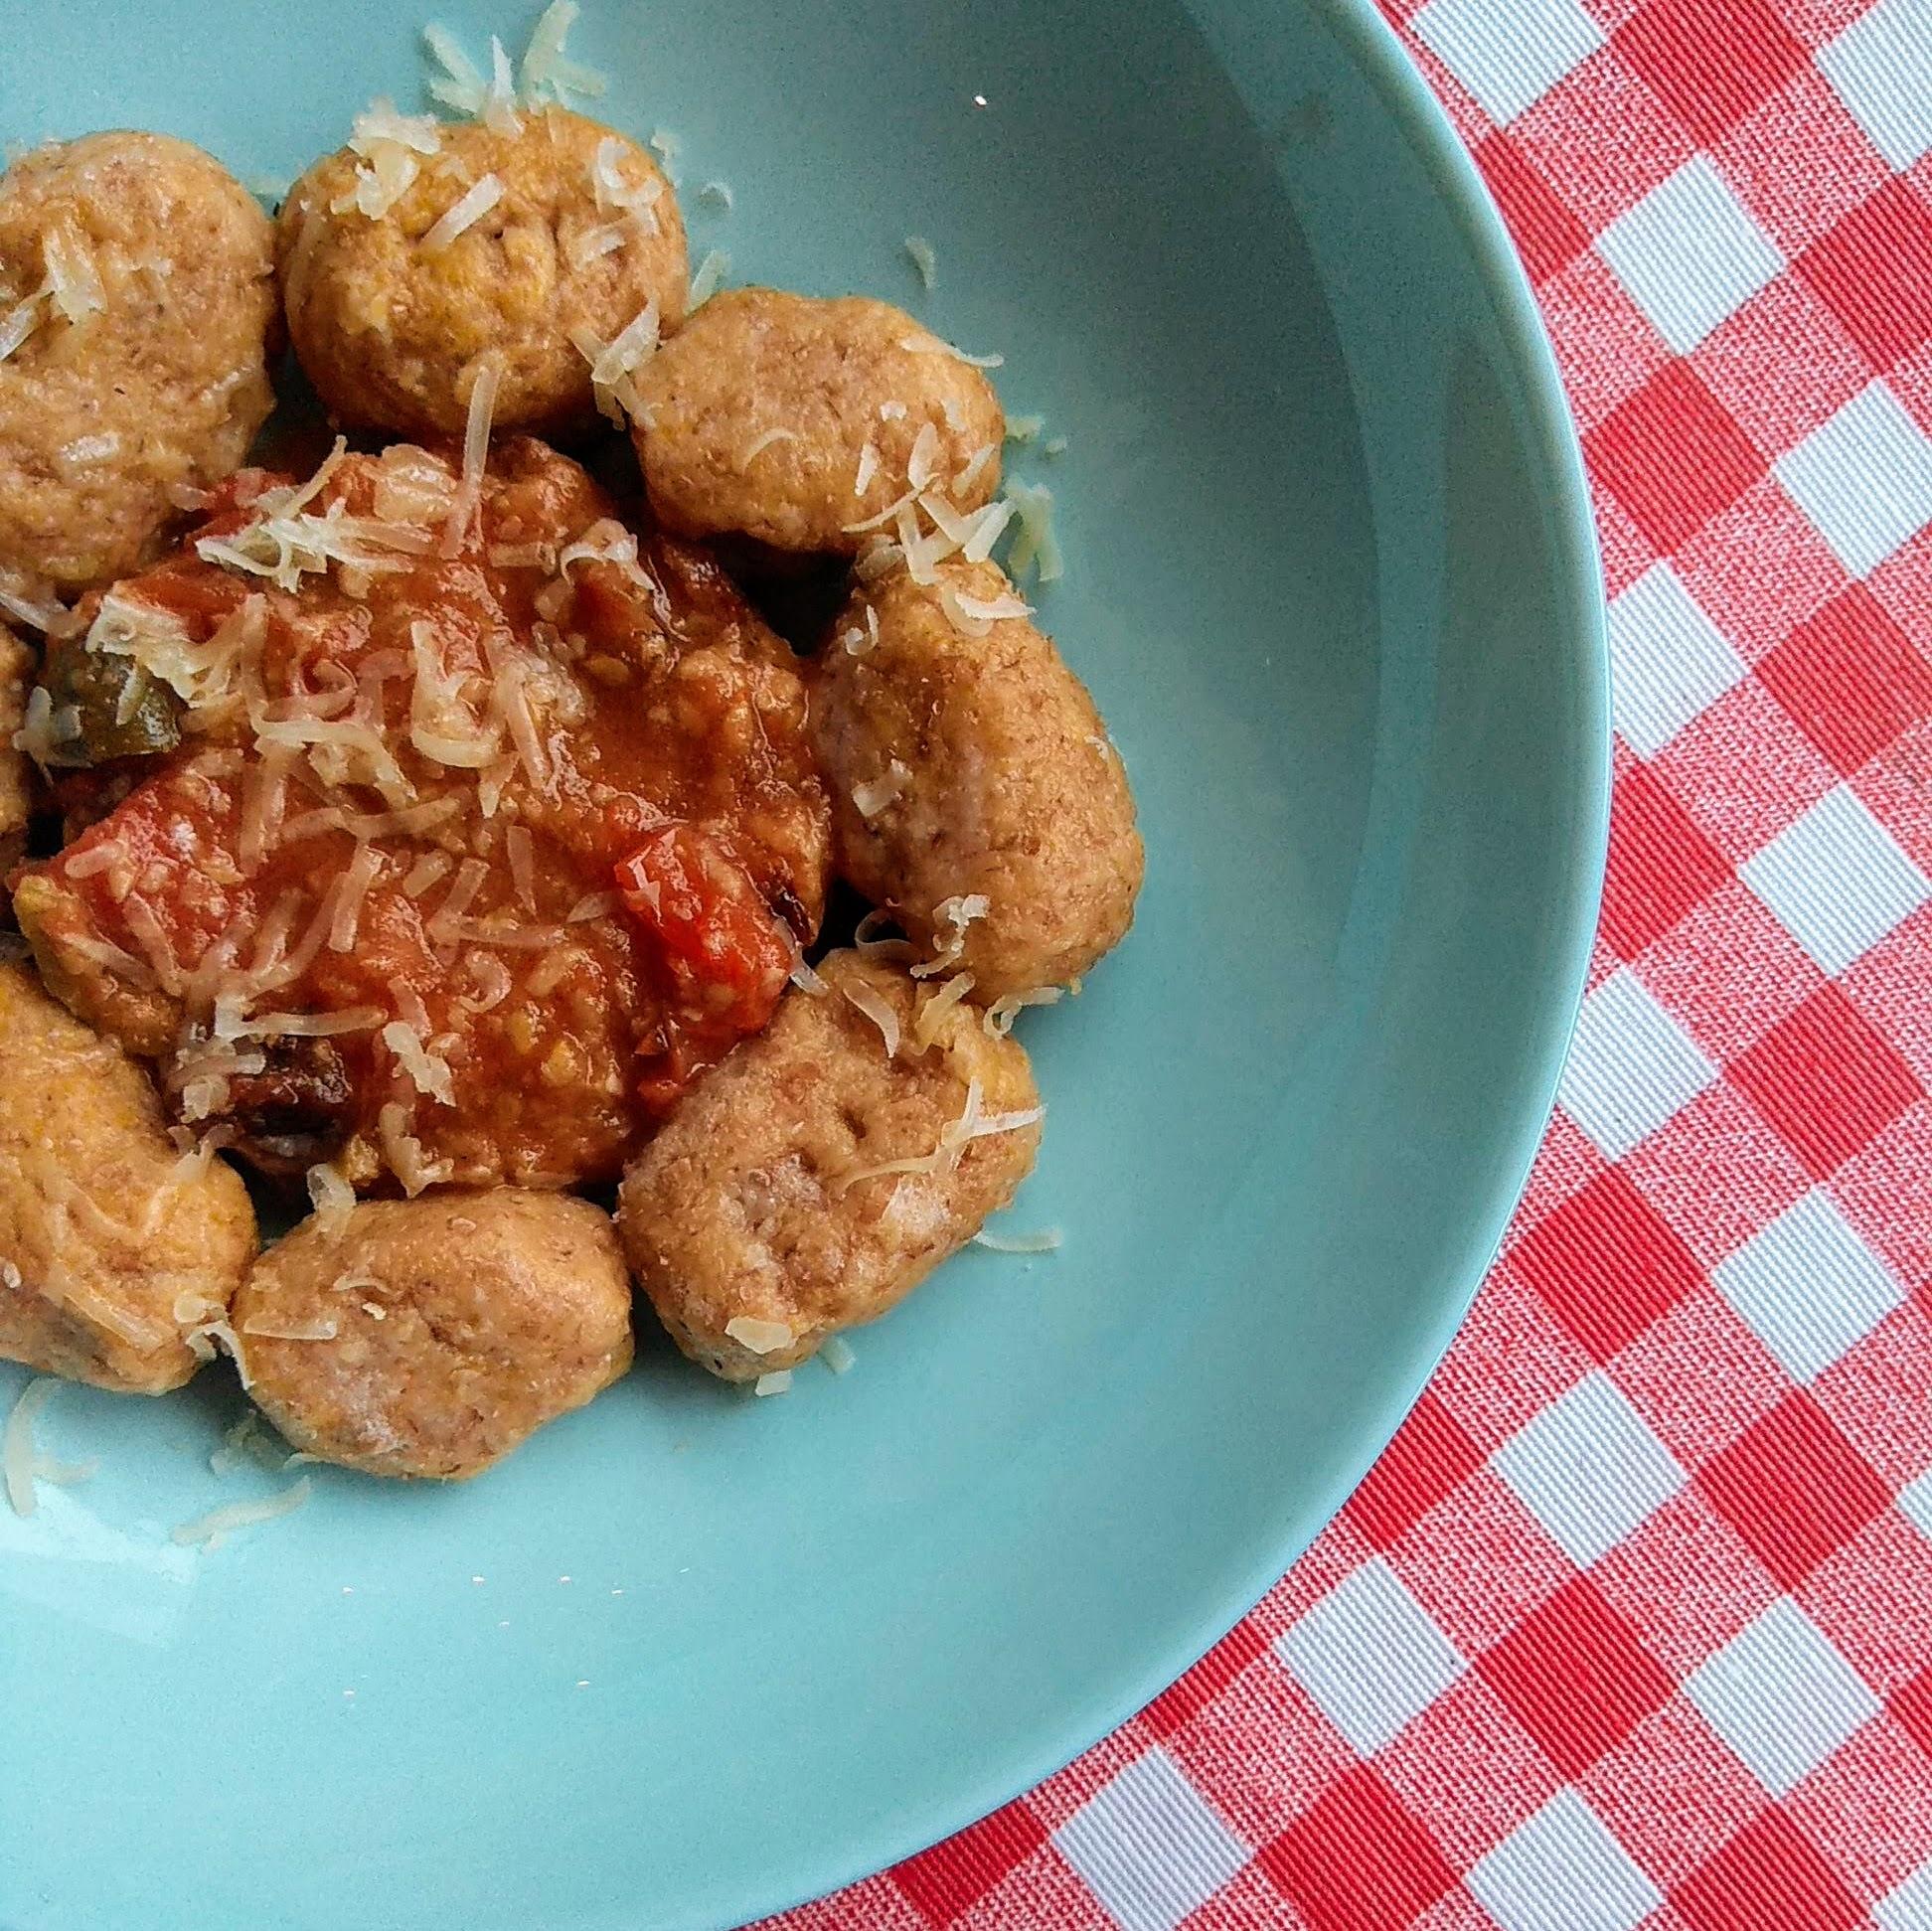 Receta fácil de gnocchis de calabaza integrales con salsa de tomate ligera. Descúbrela en: www.cocinandoconlola.com